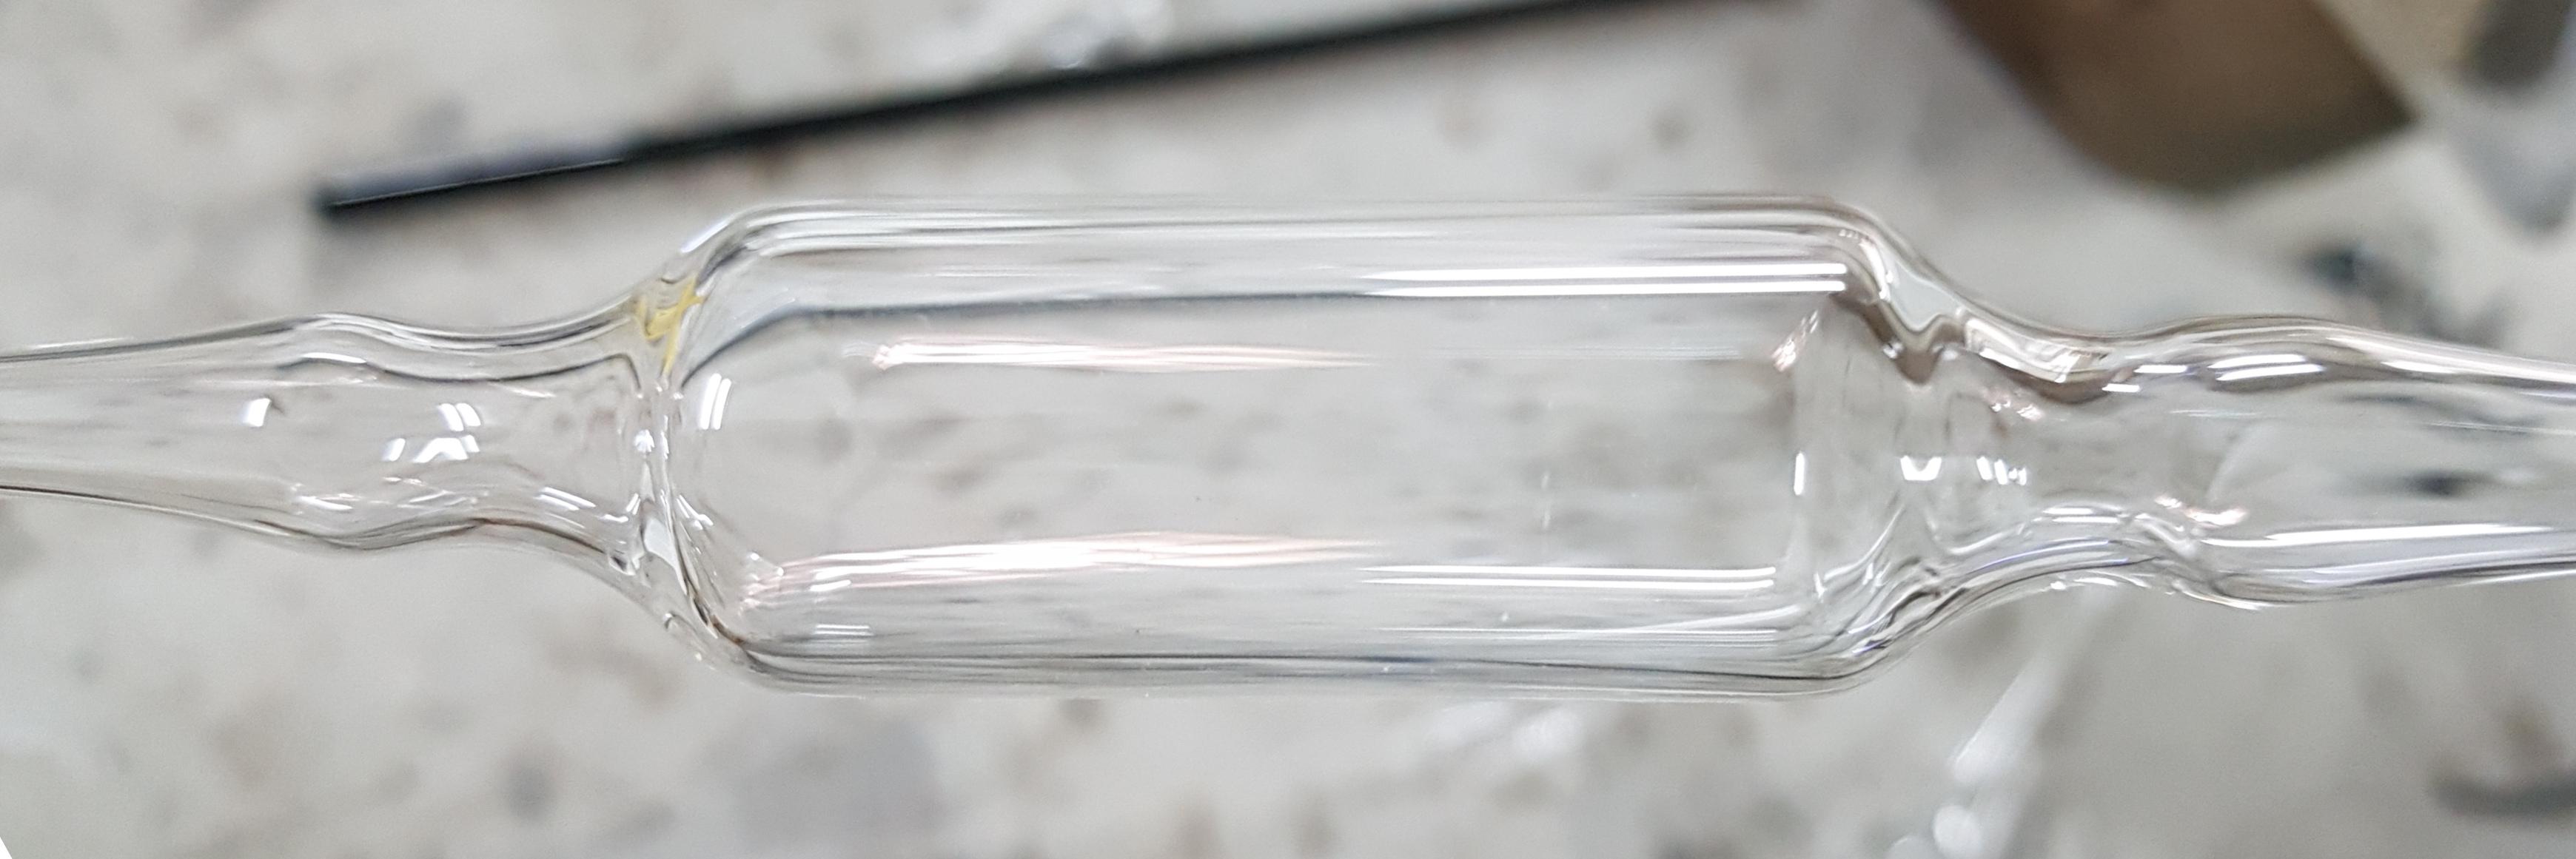 צינור זכוכית שקופה